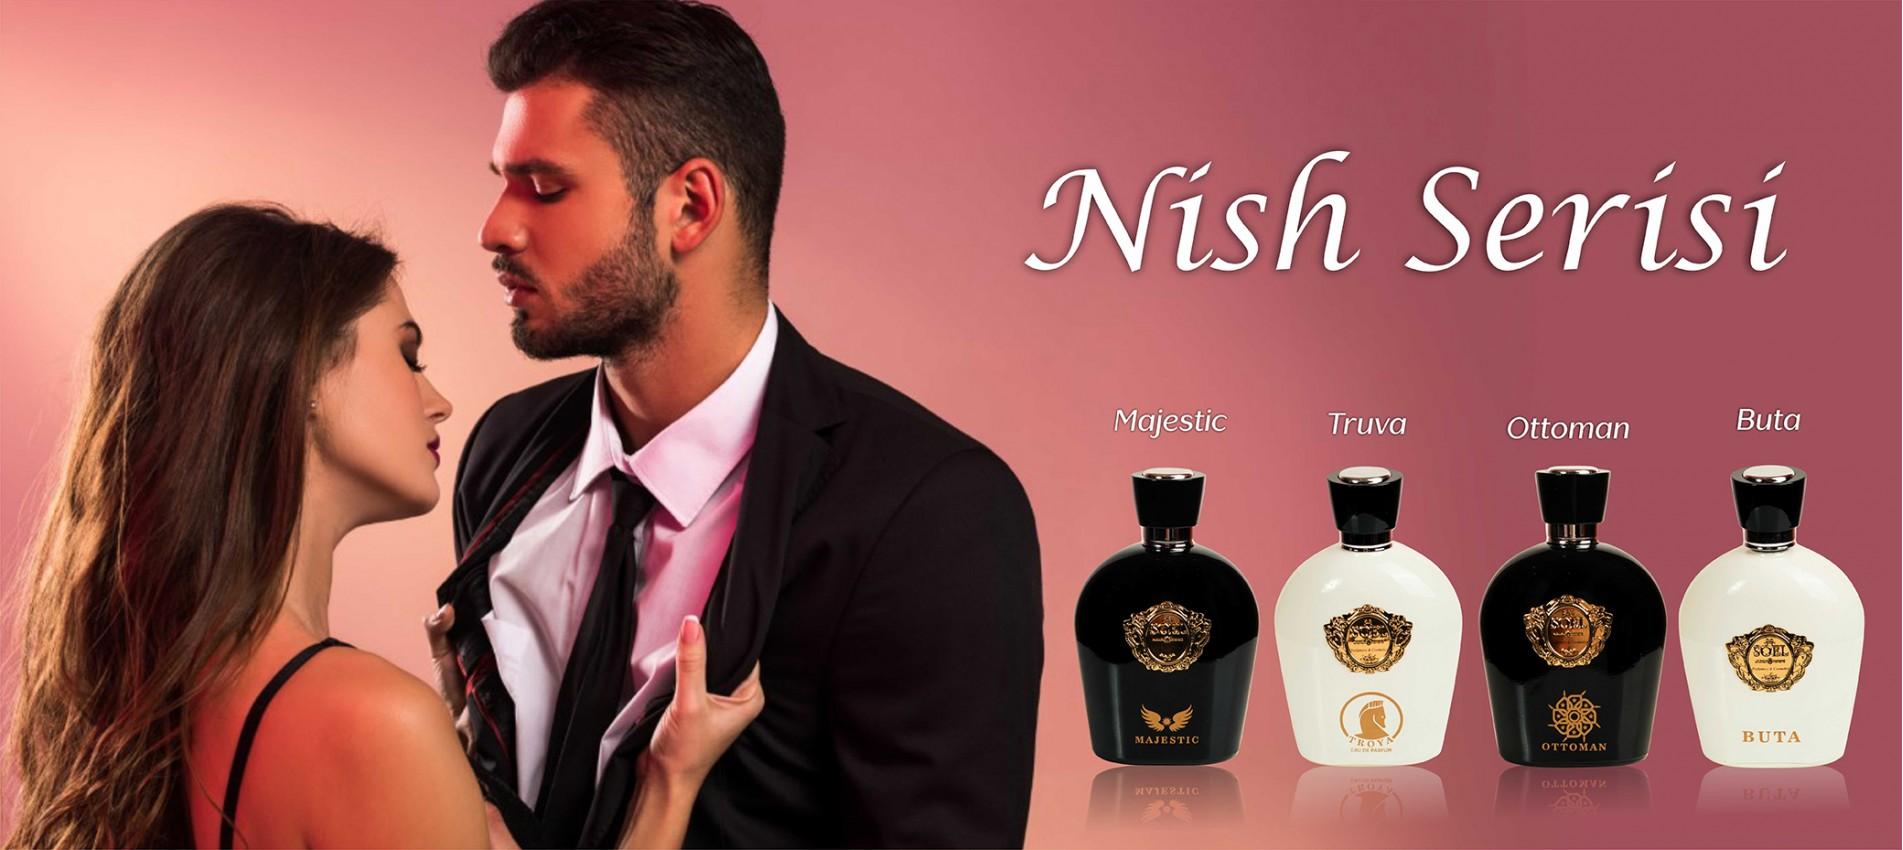 Nish Serisi